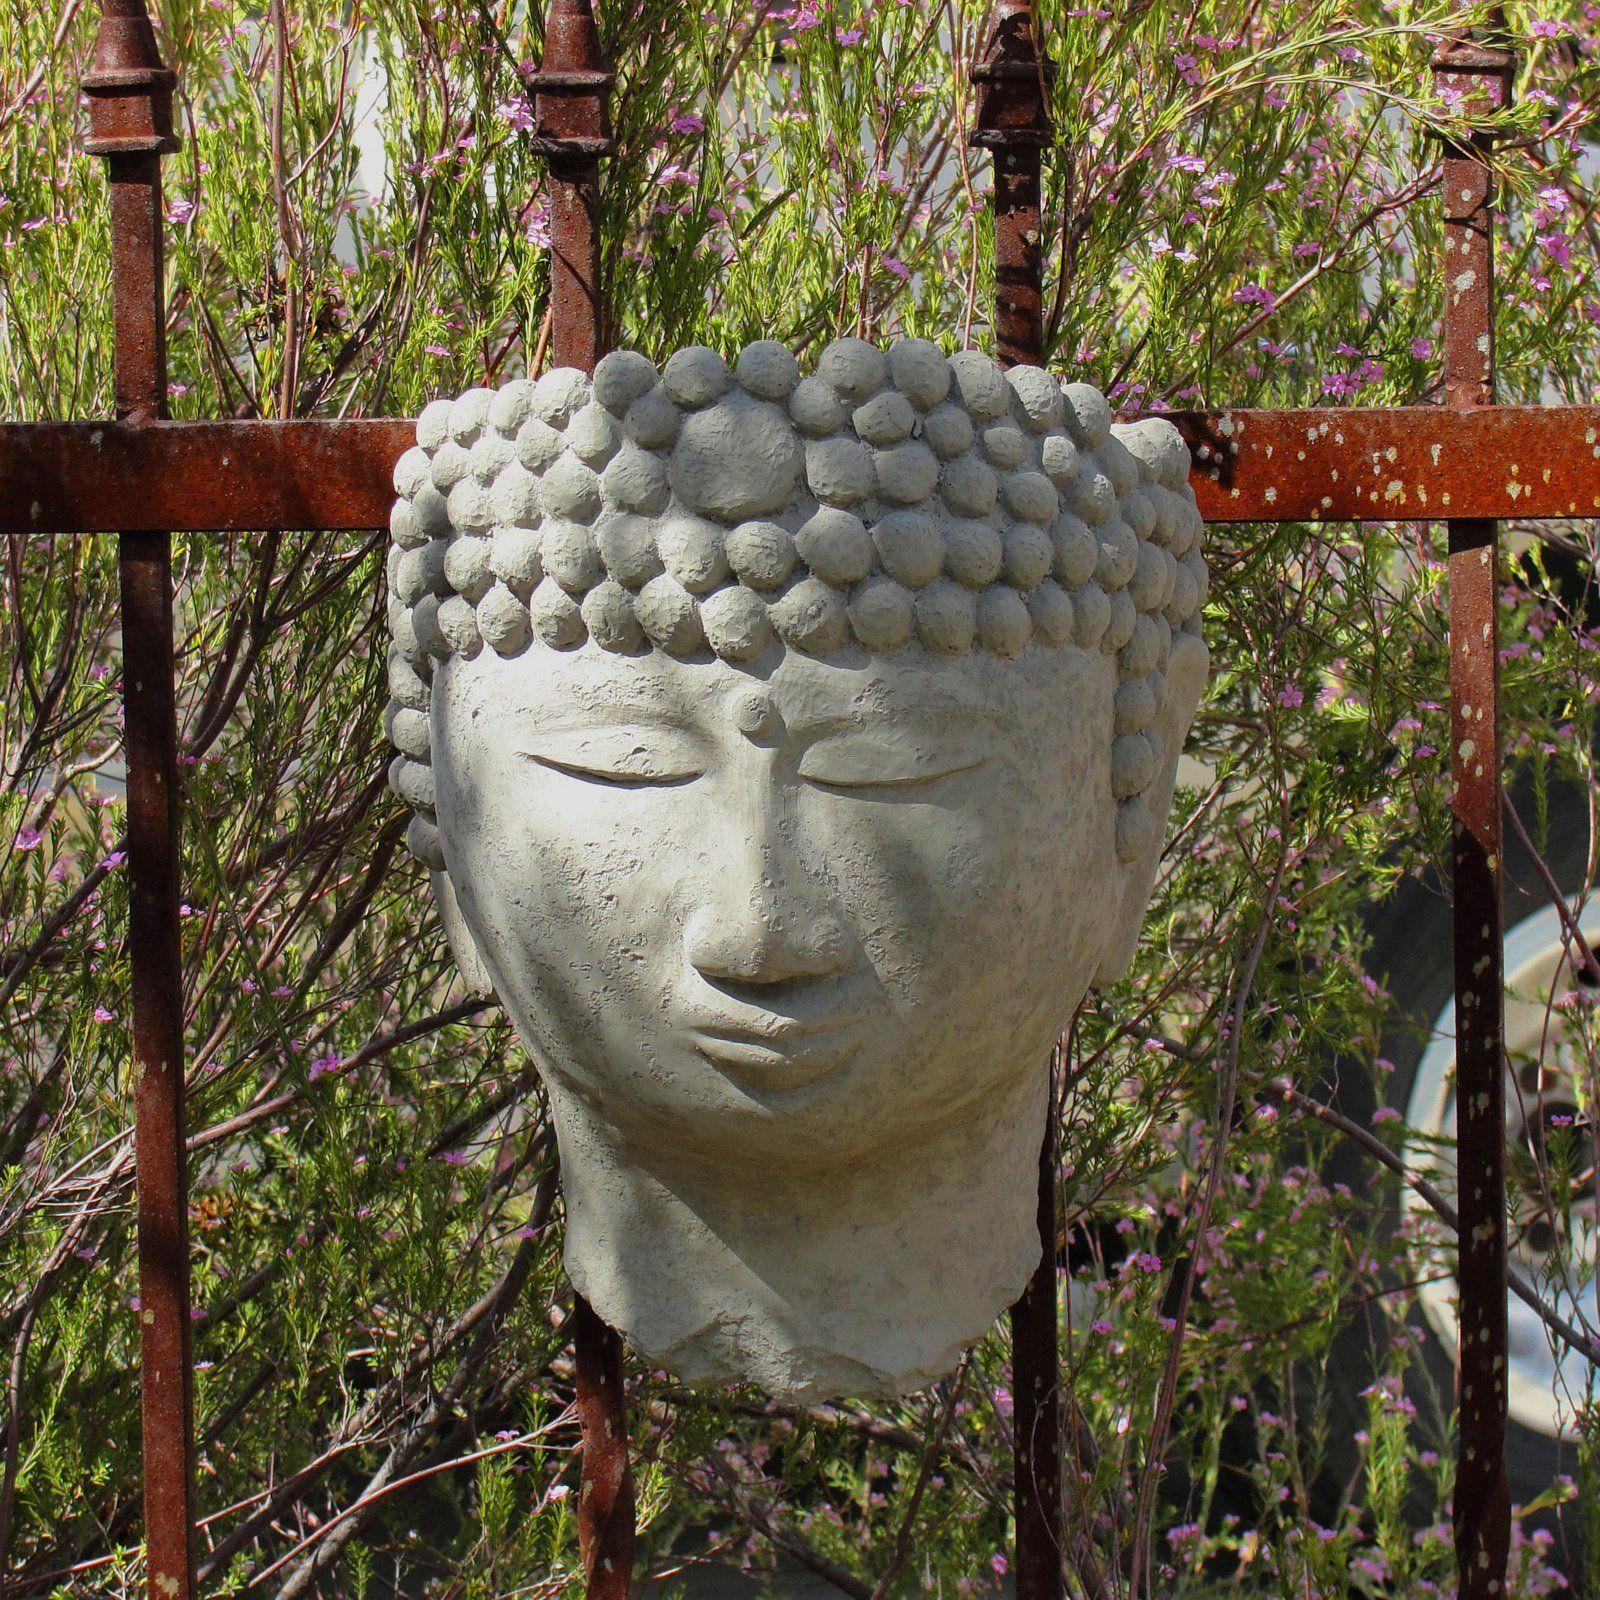 Designer Stone Buddha Head Wall Planter Www Hayneedle Com Wall Planter Stone Design Zen Garden